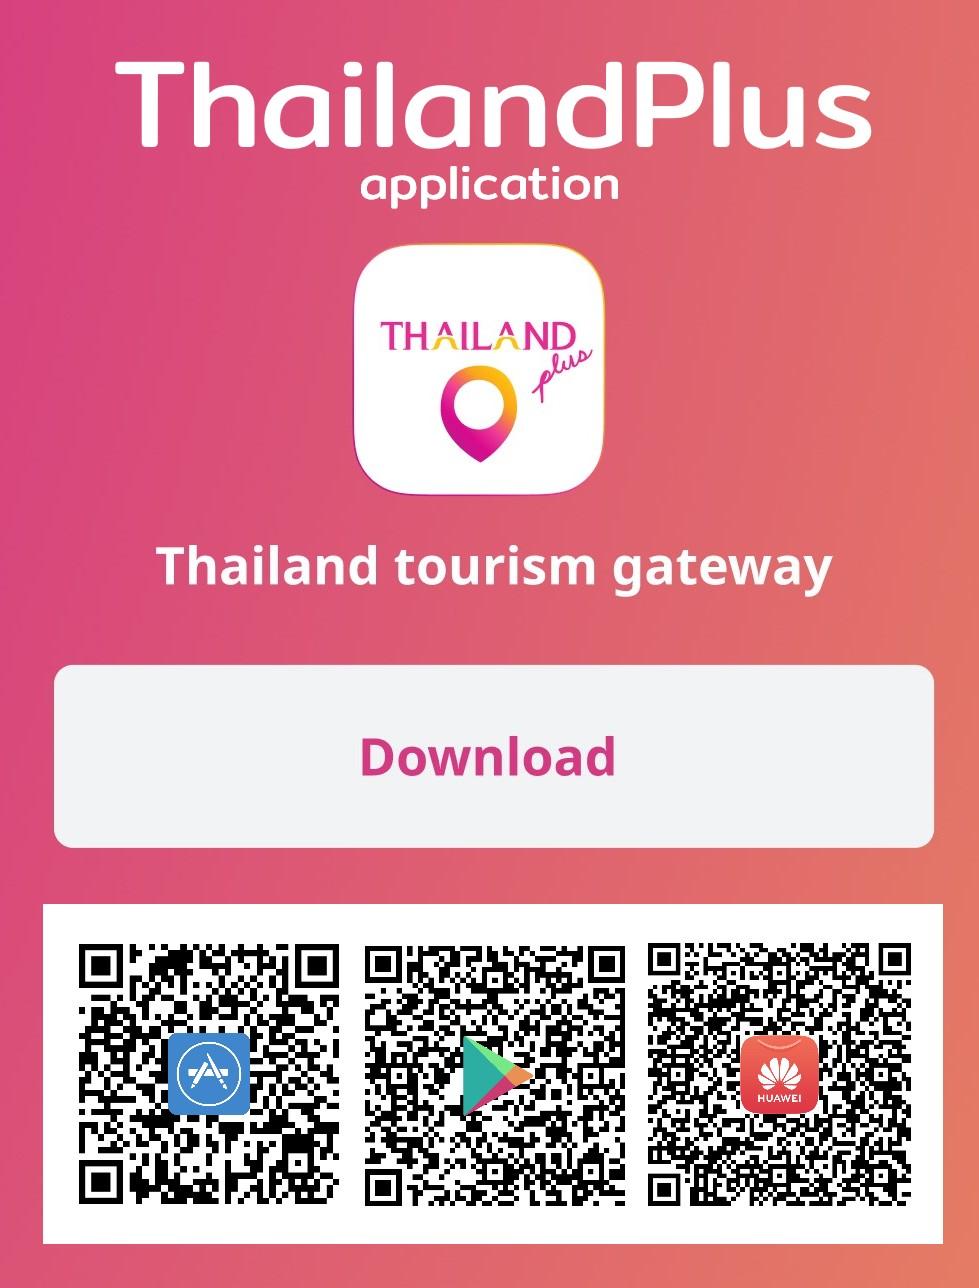 ThailandPlus Application